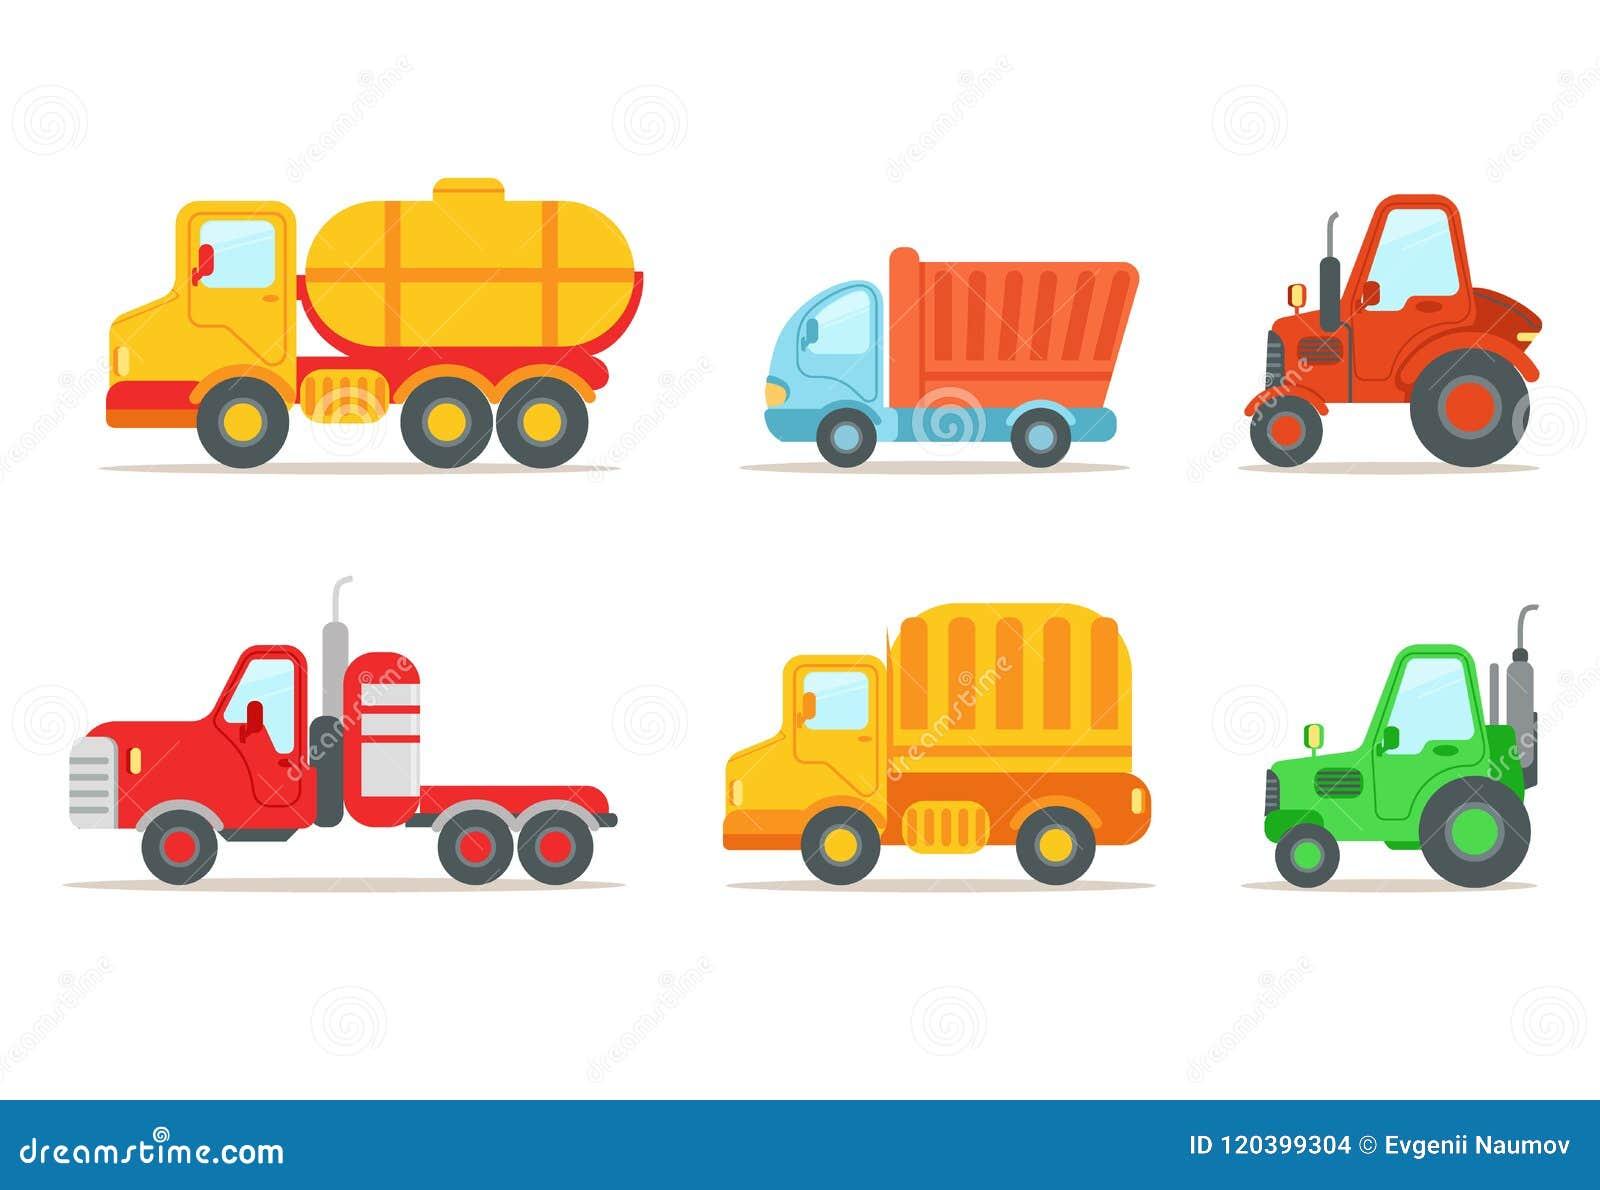 Płaski wektorowy ustawiający różni typ pojazdy Semi przyczepa, ciągniki, ciężarówka, ciężarówka z zbiornikiem Przewieziony lub sa